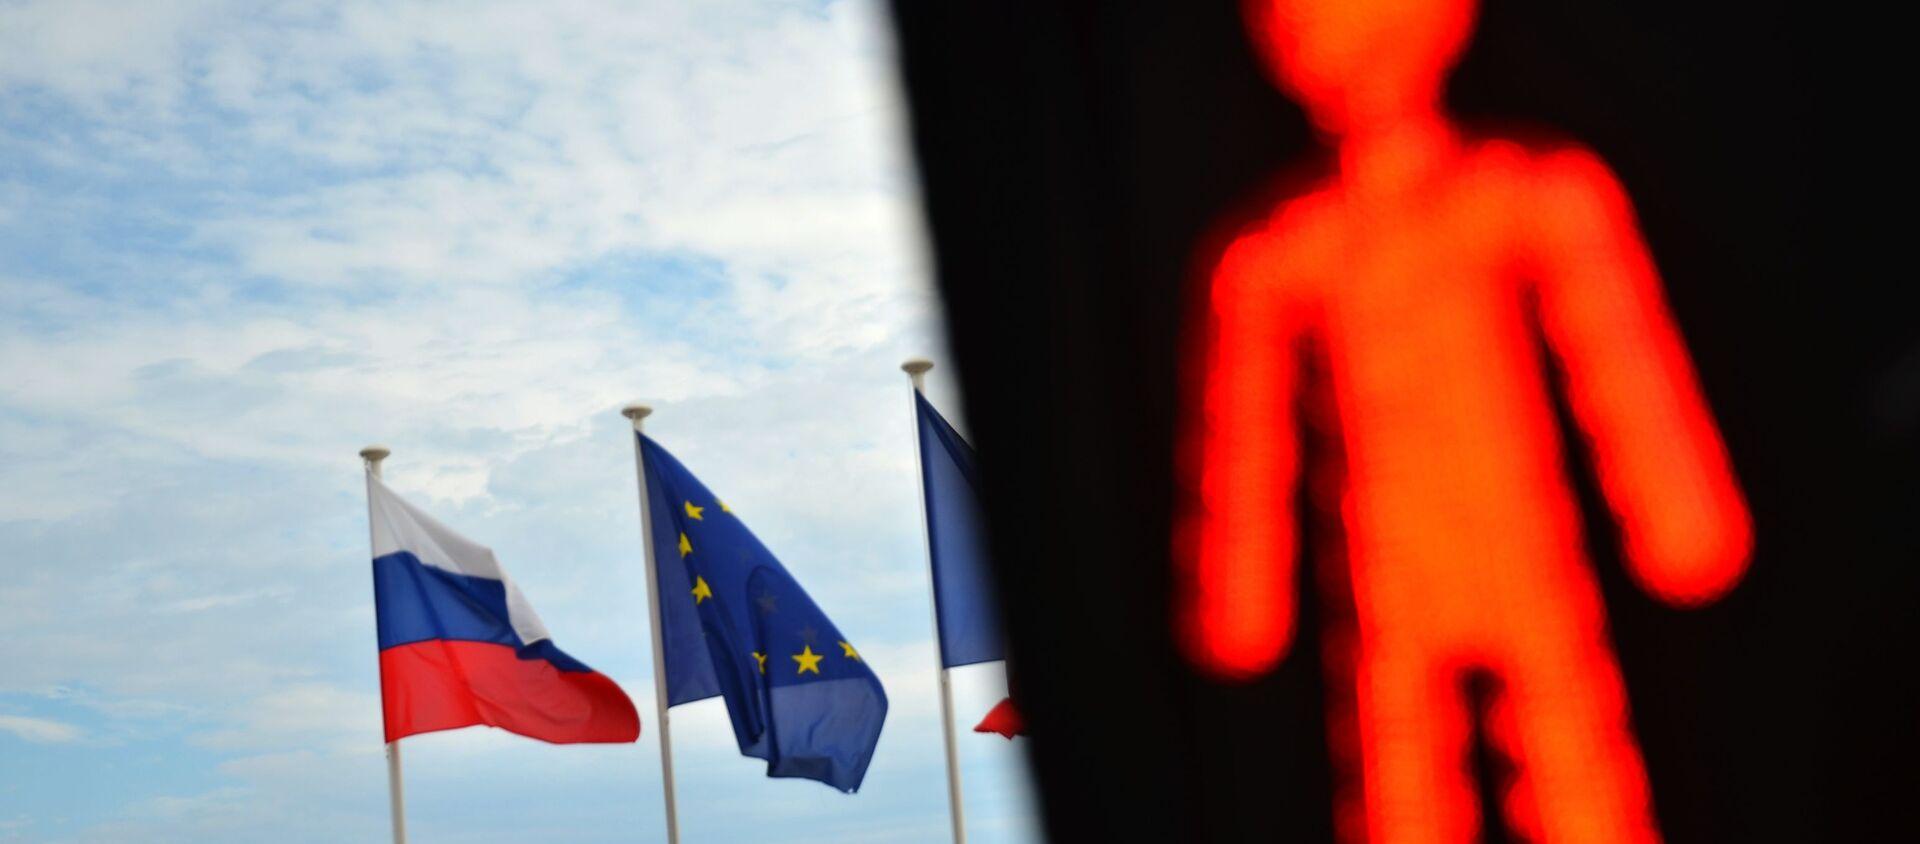 Flagi Rosji, UE i Francji - Sputnik Polska, 1920, 06.02.2021